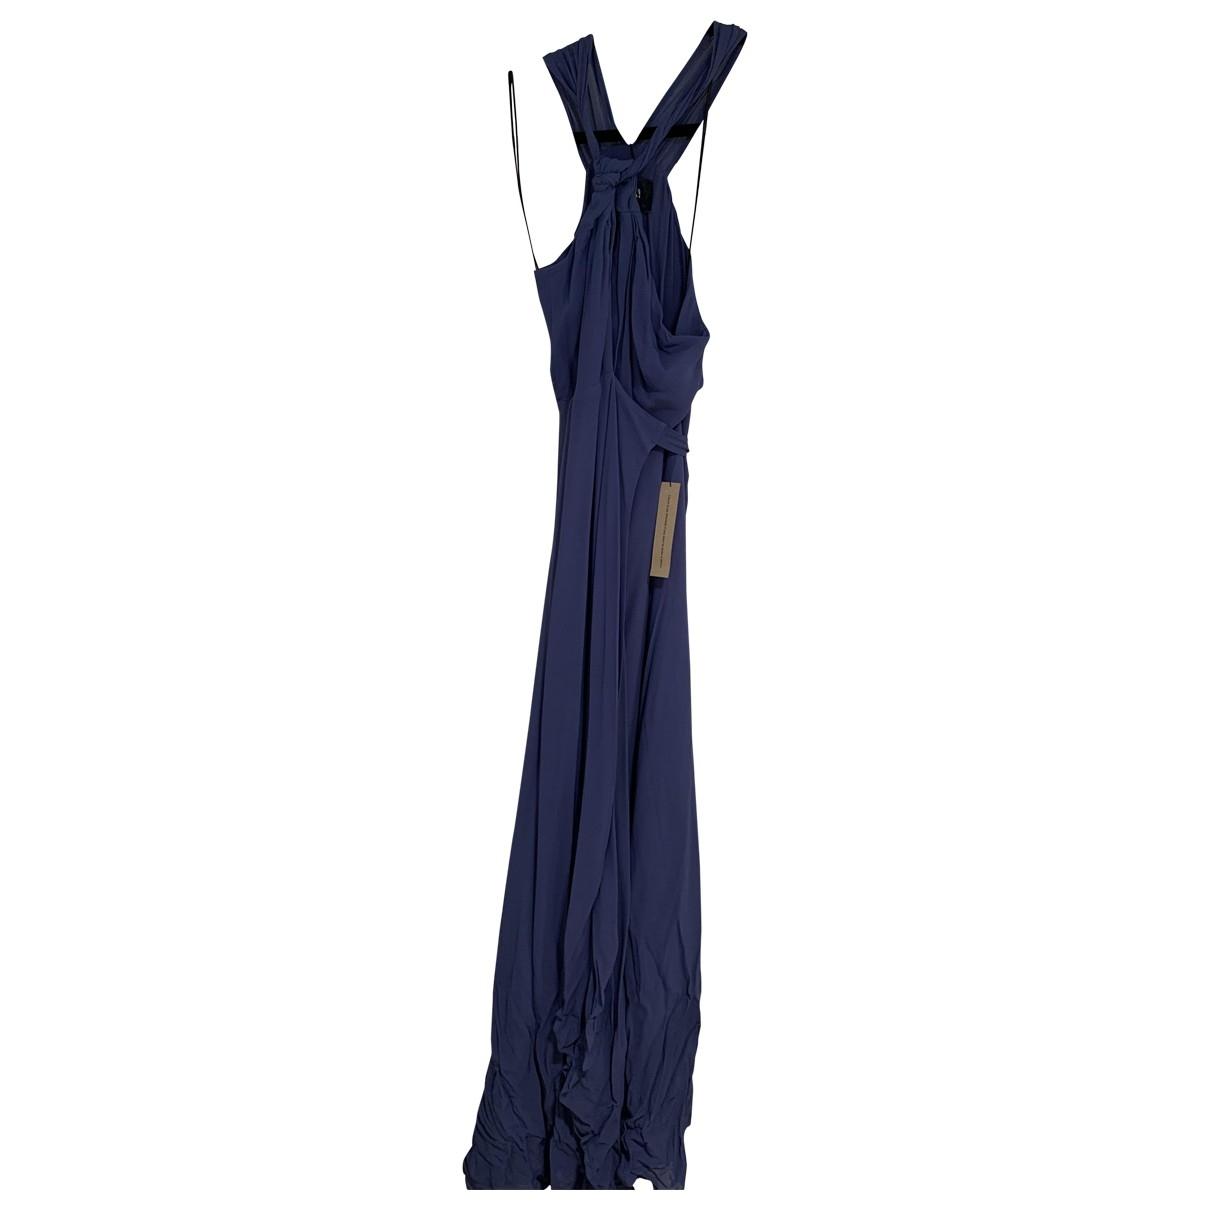 Reformation \N Kleid in  Blau Viskose